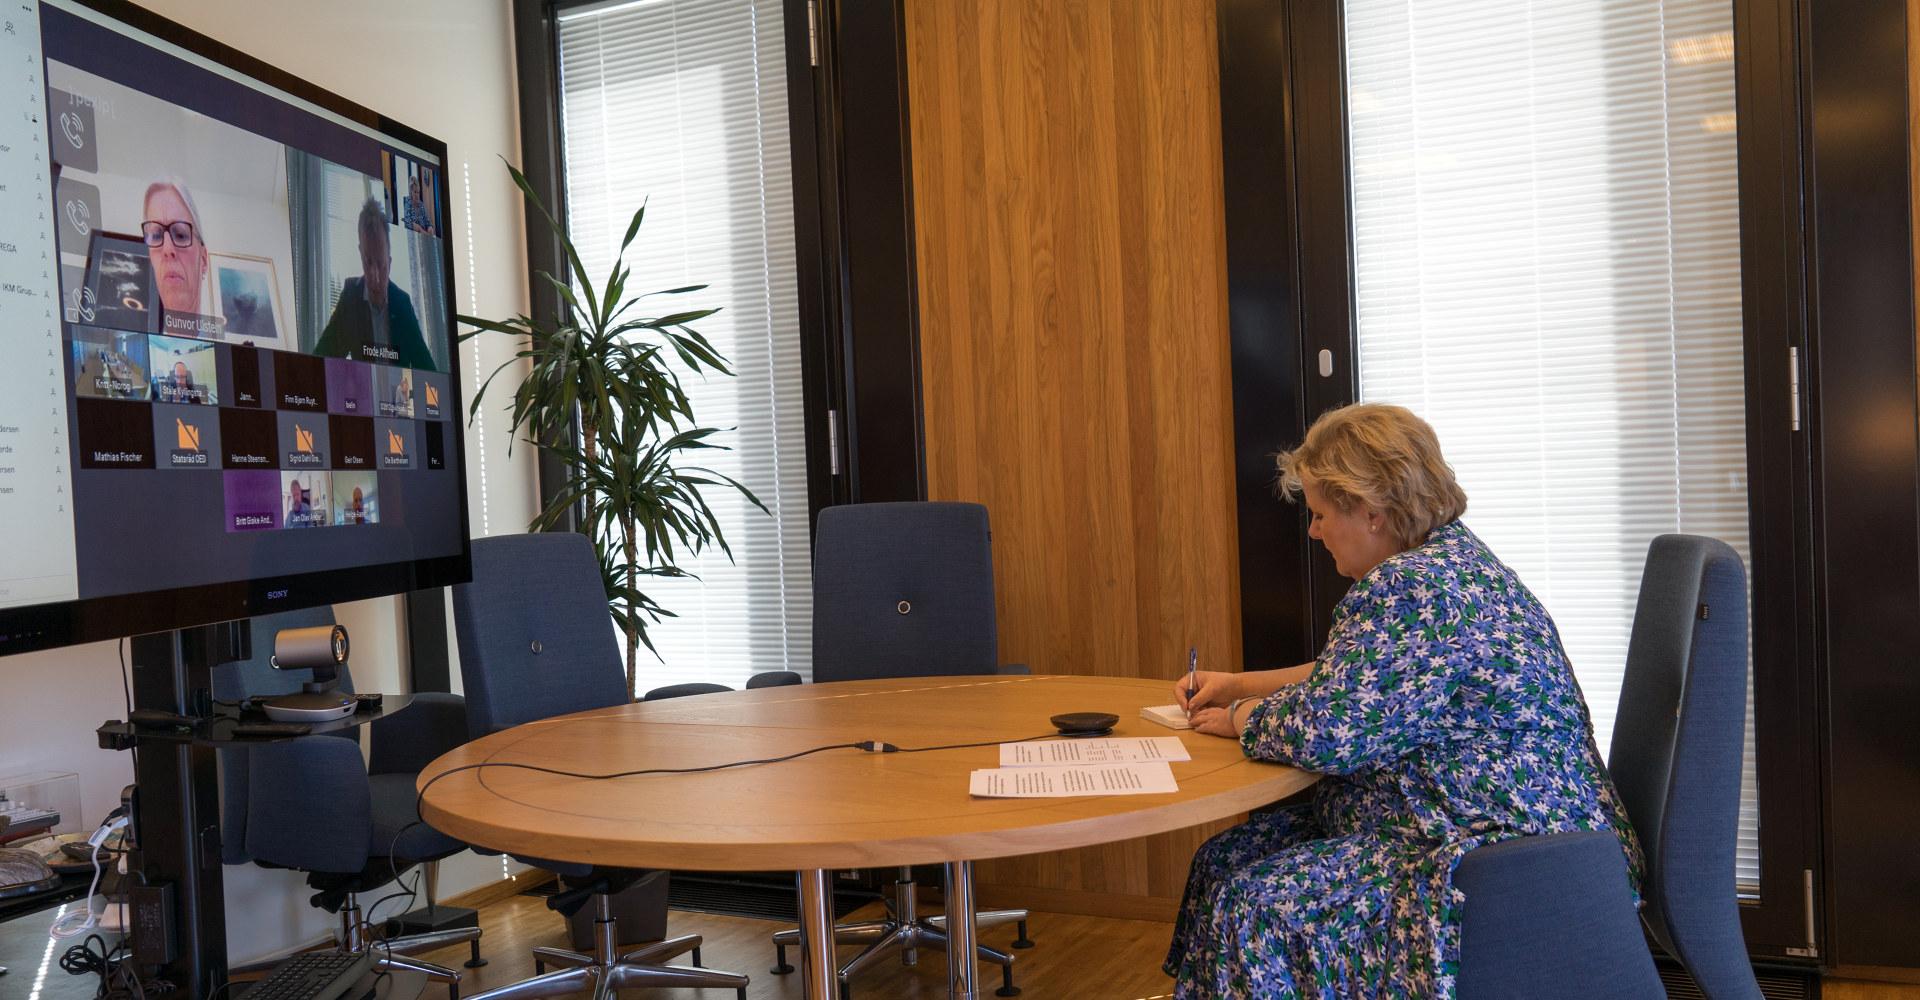 Erna Solberg i møte med norske industri- og energiselskaper. På bildet snakker hun med konsernsjef i Ulstein Group, Gunvor Ulstein. Foto: Arvid Samland / Statsministerens kontor